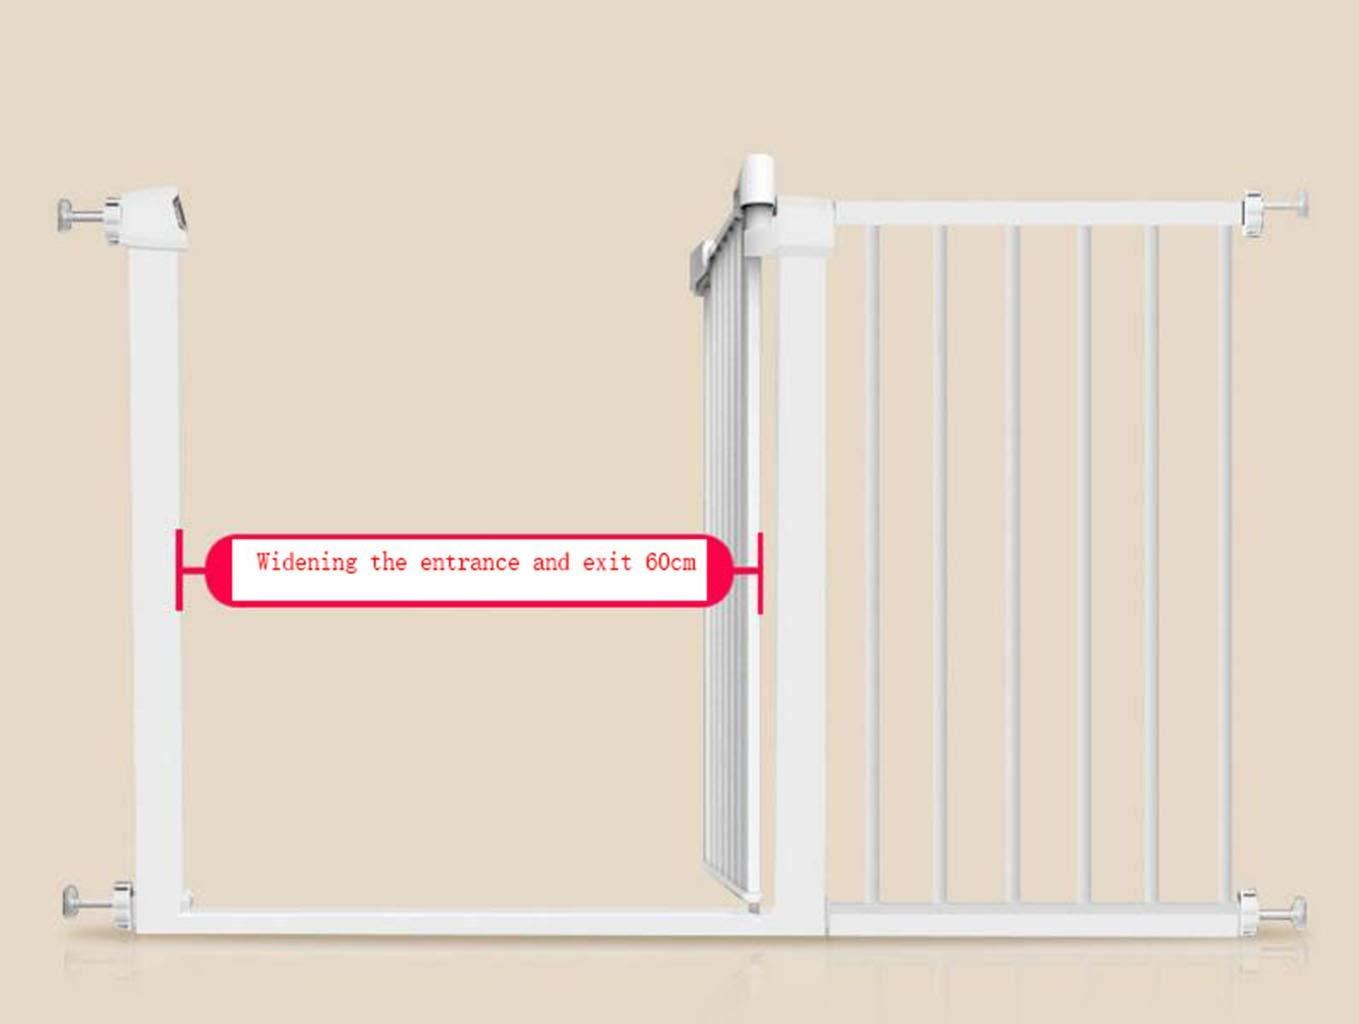 Puerta de seguridad para bebés, reja de aislamiento para mascotas, fácil de abrir, puerta de paso súper alto y puerta para mascotas, ancho de instalación de 75-80cm, incluido el patio de la